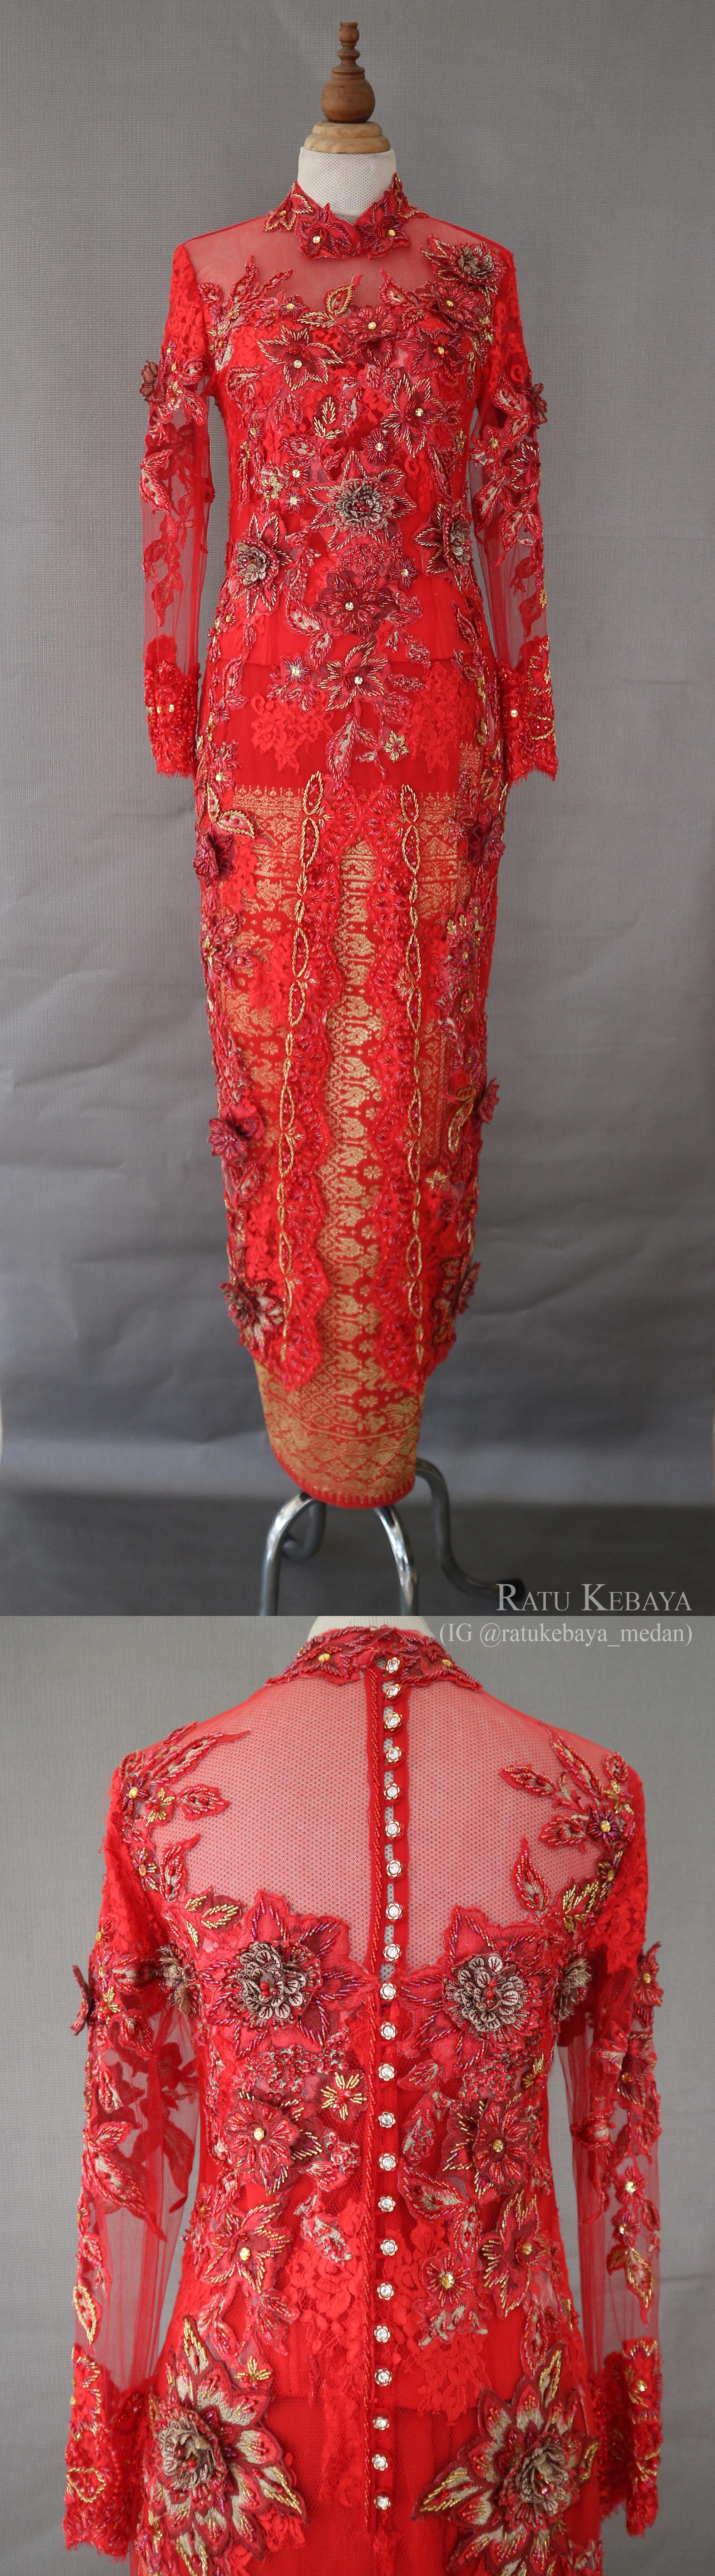 Kebaya Merah Dengan Aplikasi Bunga 3d Ig Ratukebaya Medan Kebaya Baju Kurung Merah